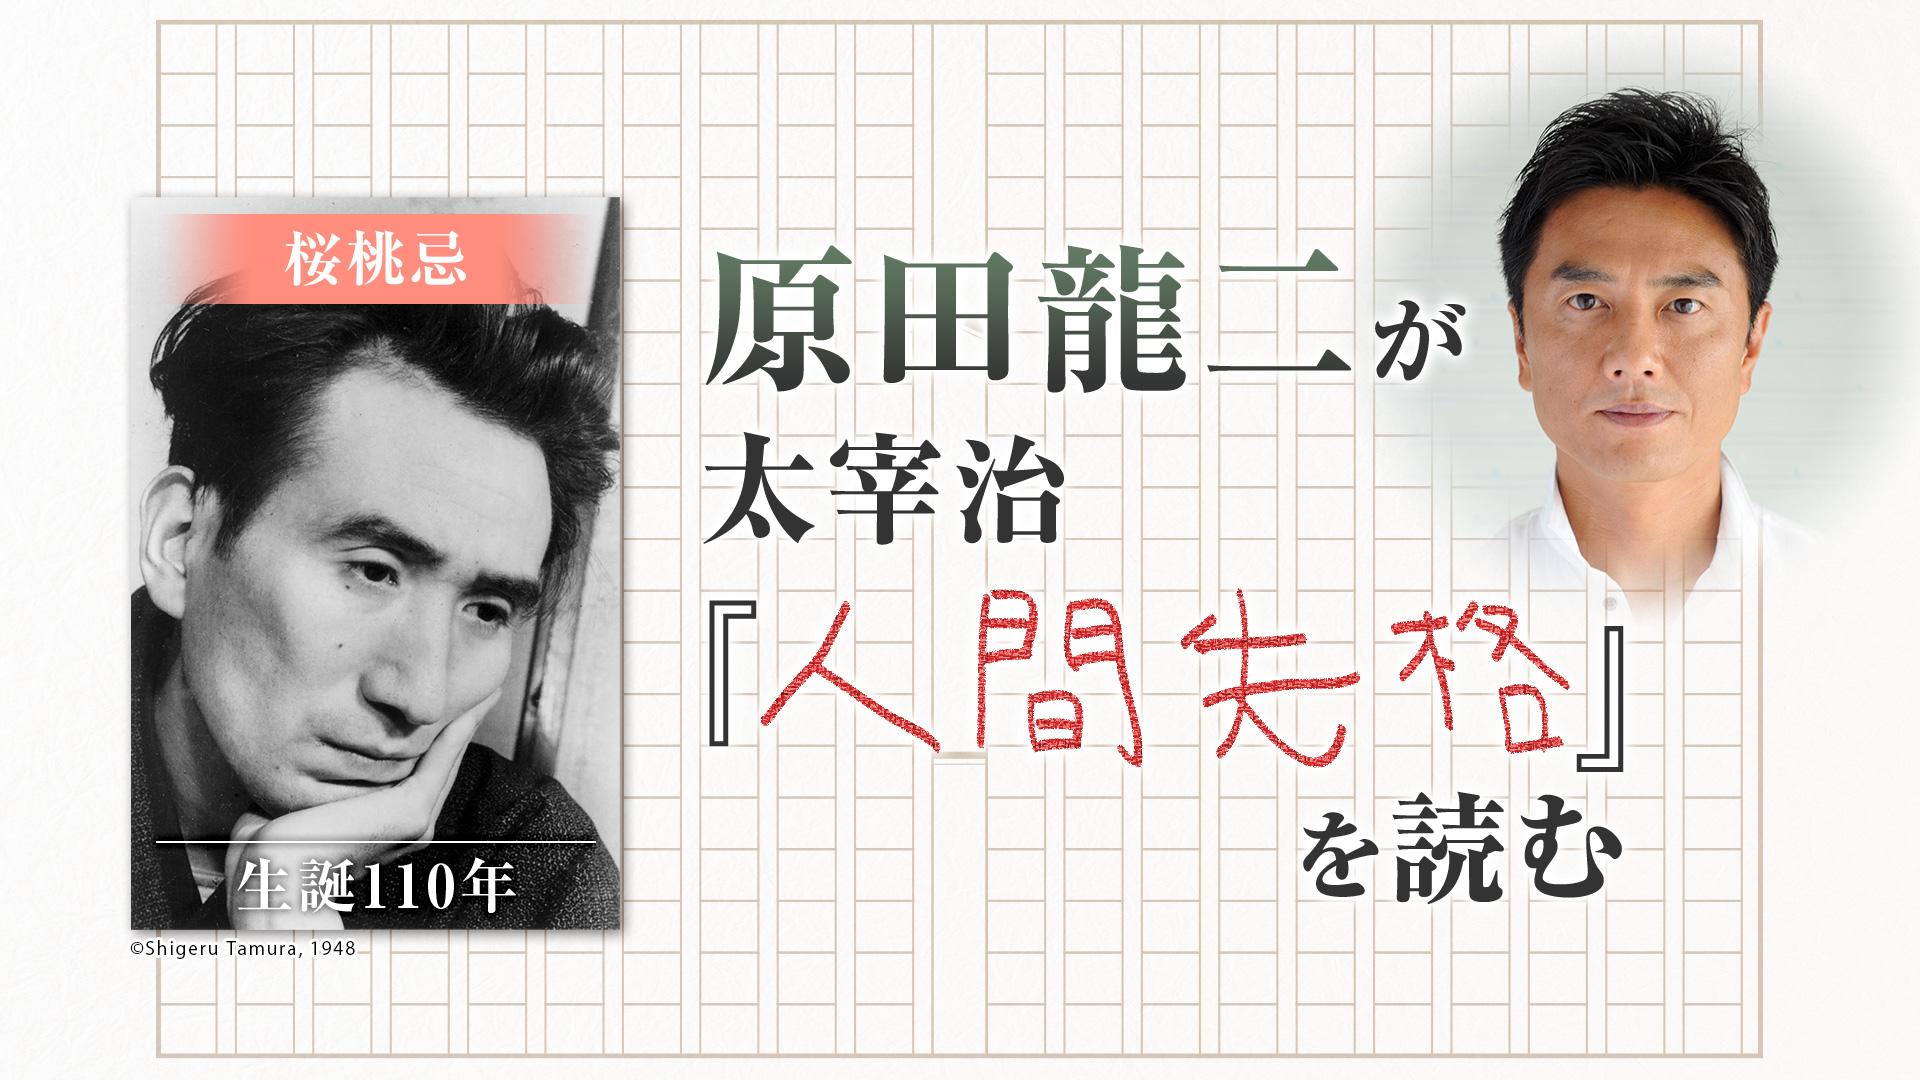 俳優・原田龍二が太宰治『人間失格』を読む。全編約4時間半のノーカット朗読をニコニコ生放送にて放送